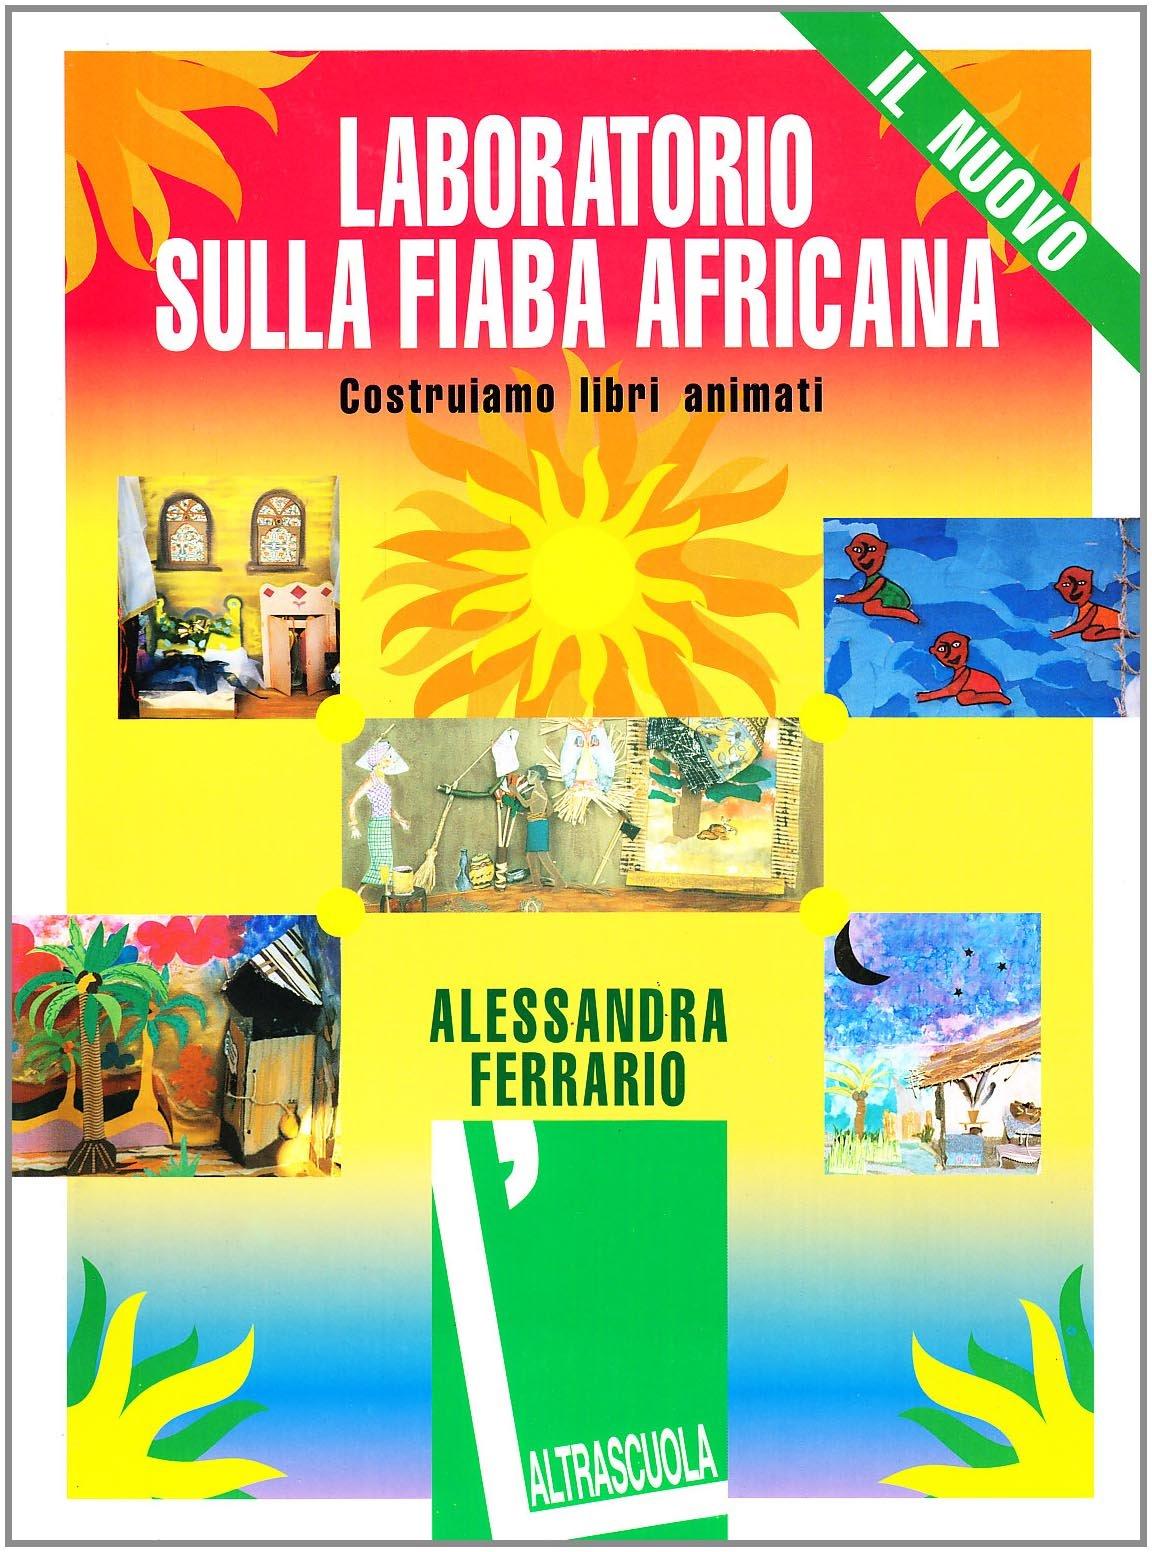 Laboratorio sulla fiaba africana Costruiamo libri animati